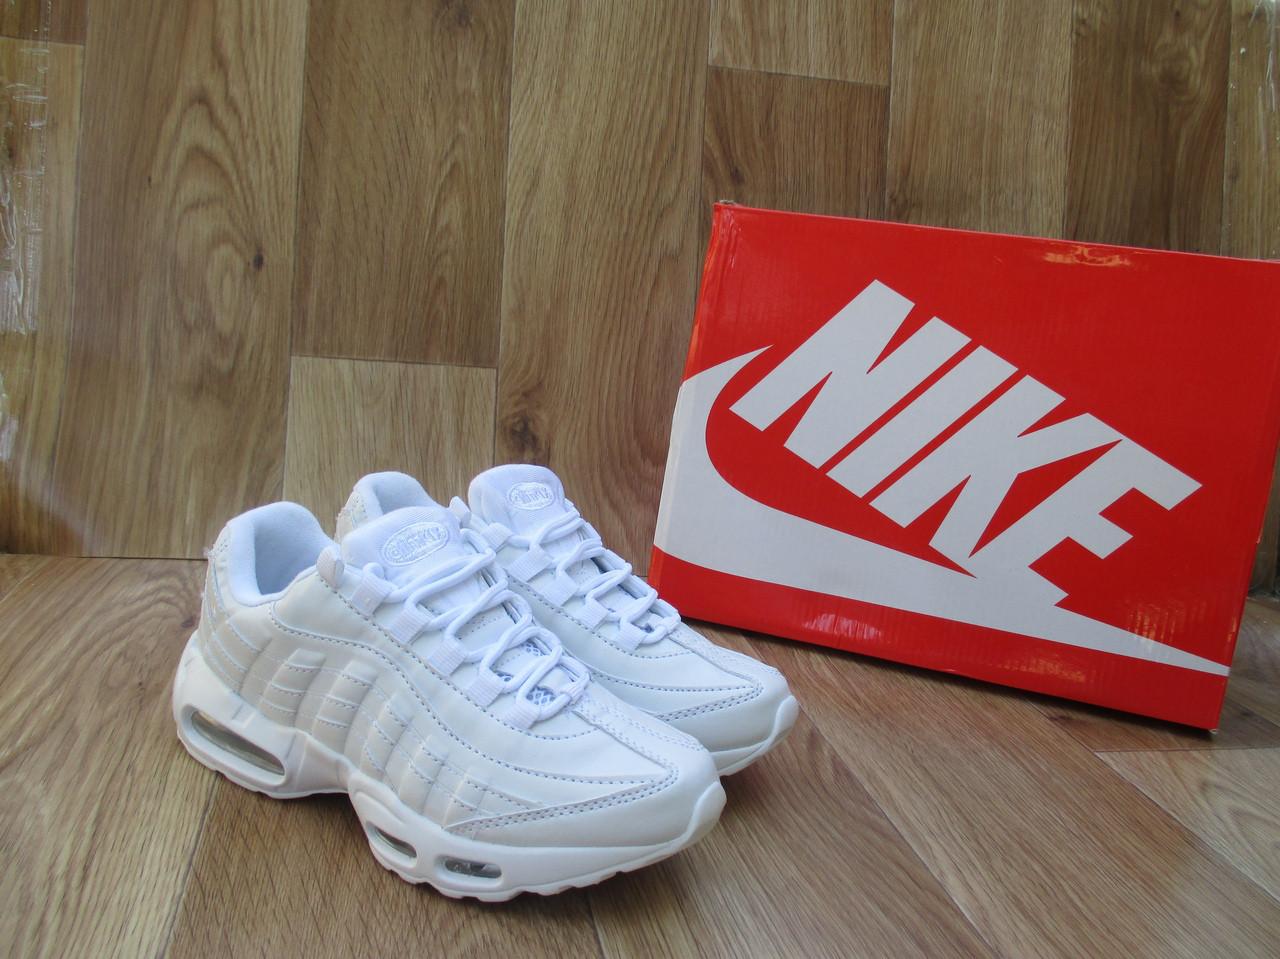 8796d12e Женские Кроссовки в стиле в стиле Nike Air Max 95 белые кожа ...